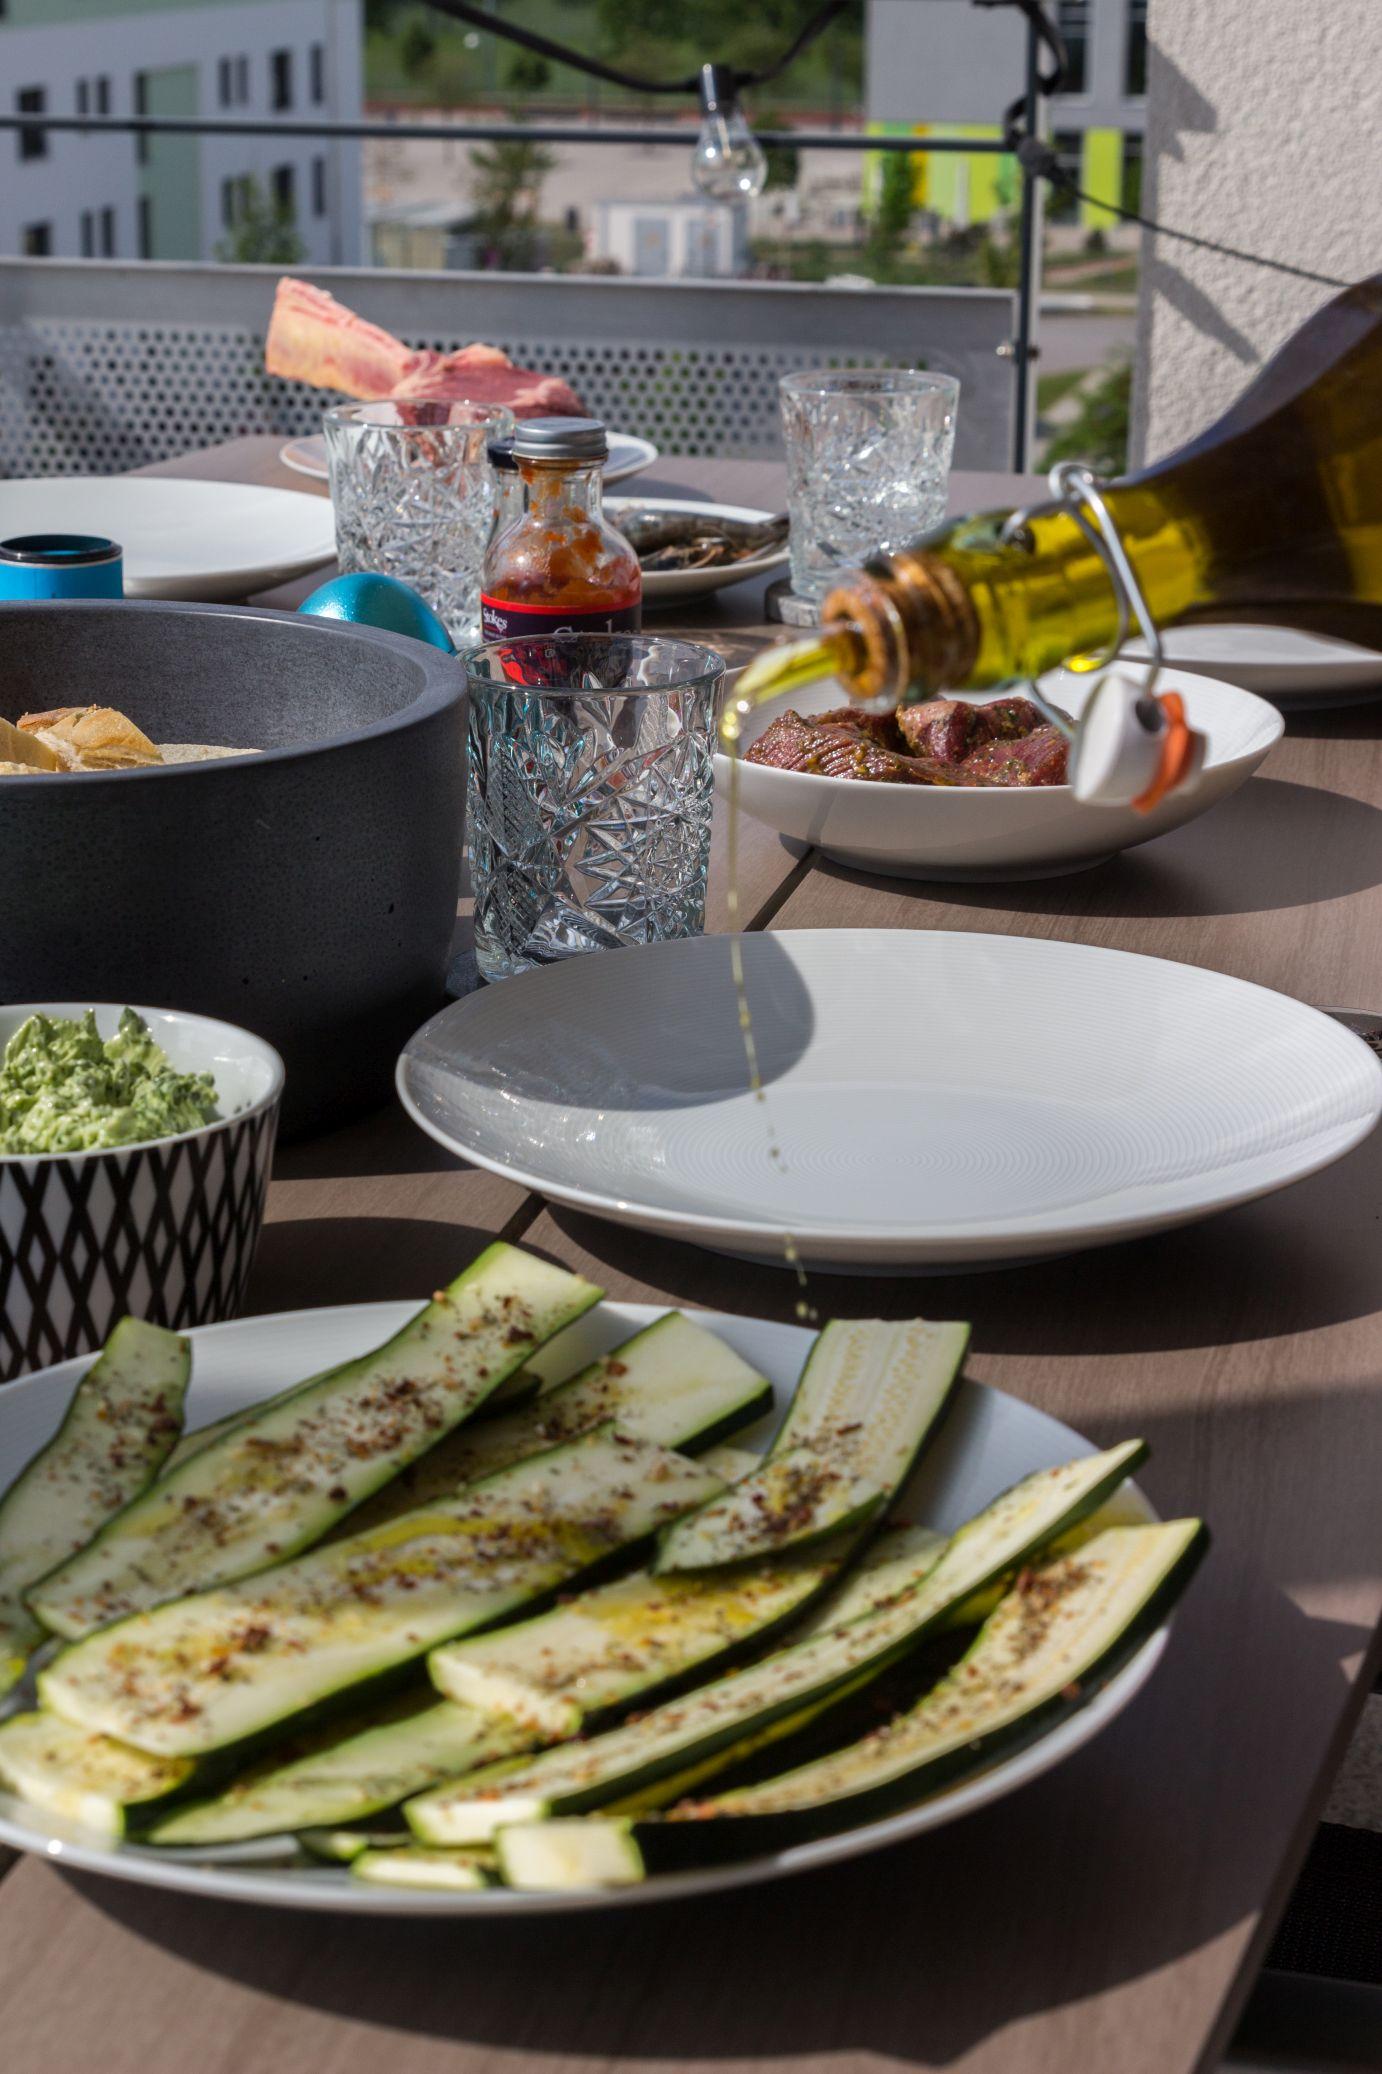 Rosa gegrilltes Tomahawksteak vom Grill mit würziger Kräuter-Knoblauch-Butter Schätze aus meiner Küche